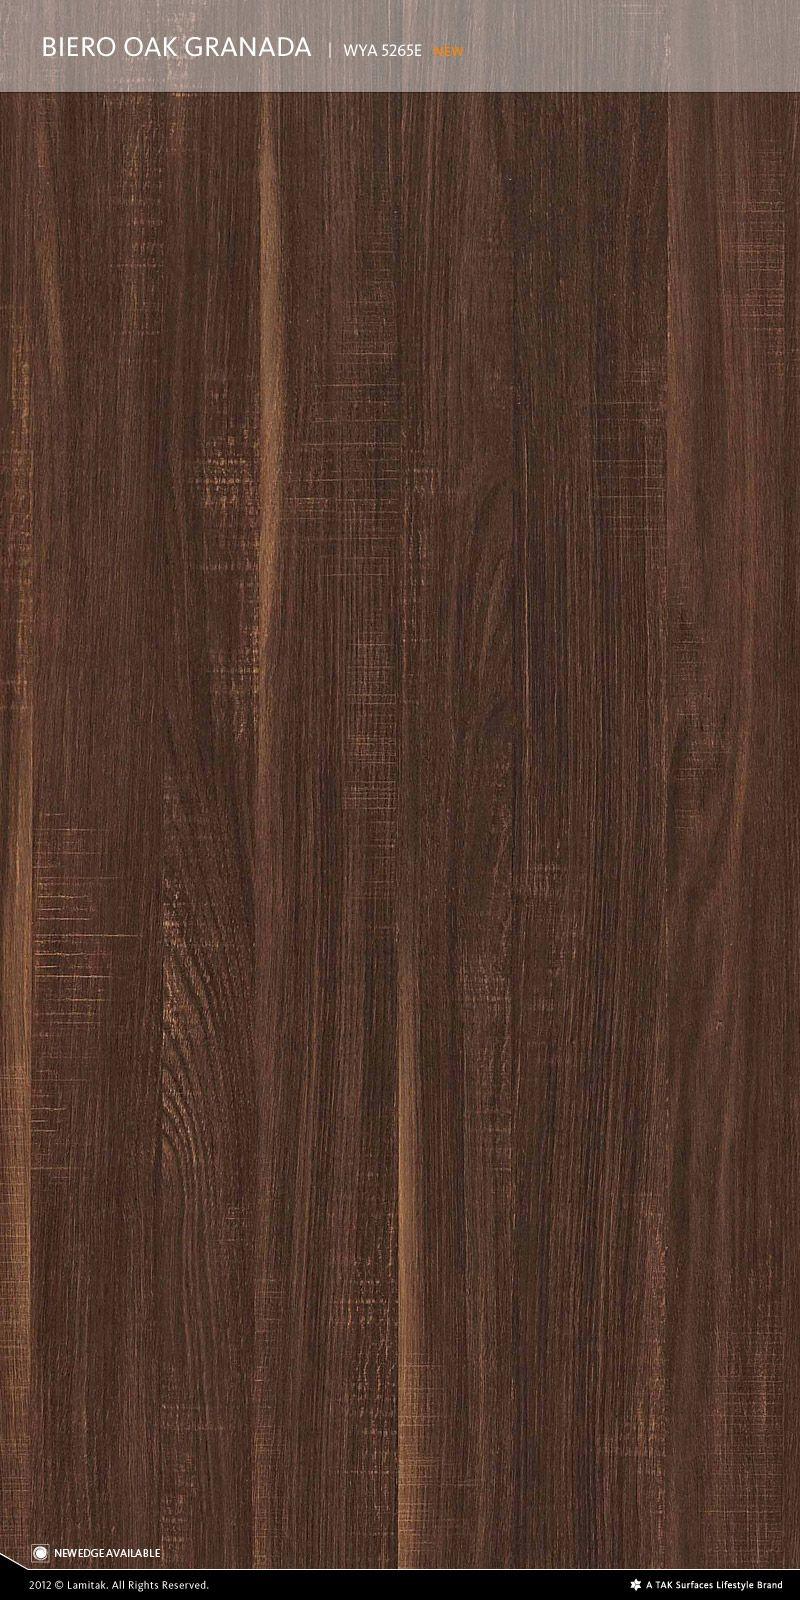 Biero Oak Granada For Feature Wall Cabinet Wya5265e Jpg